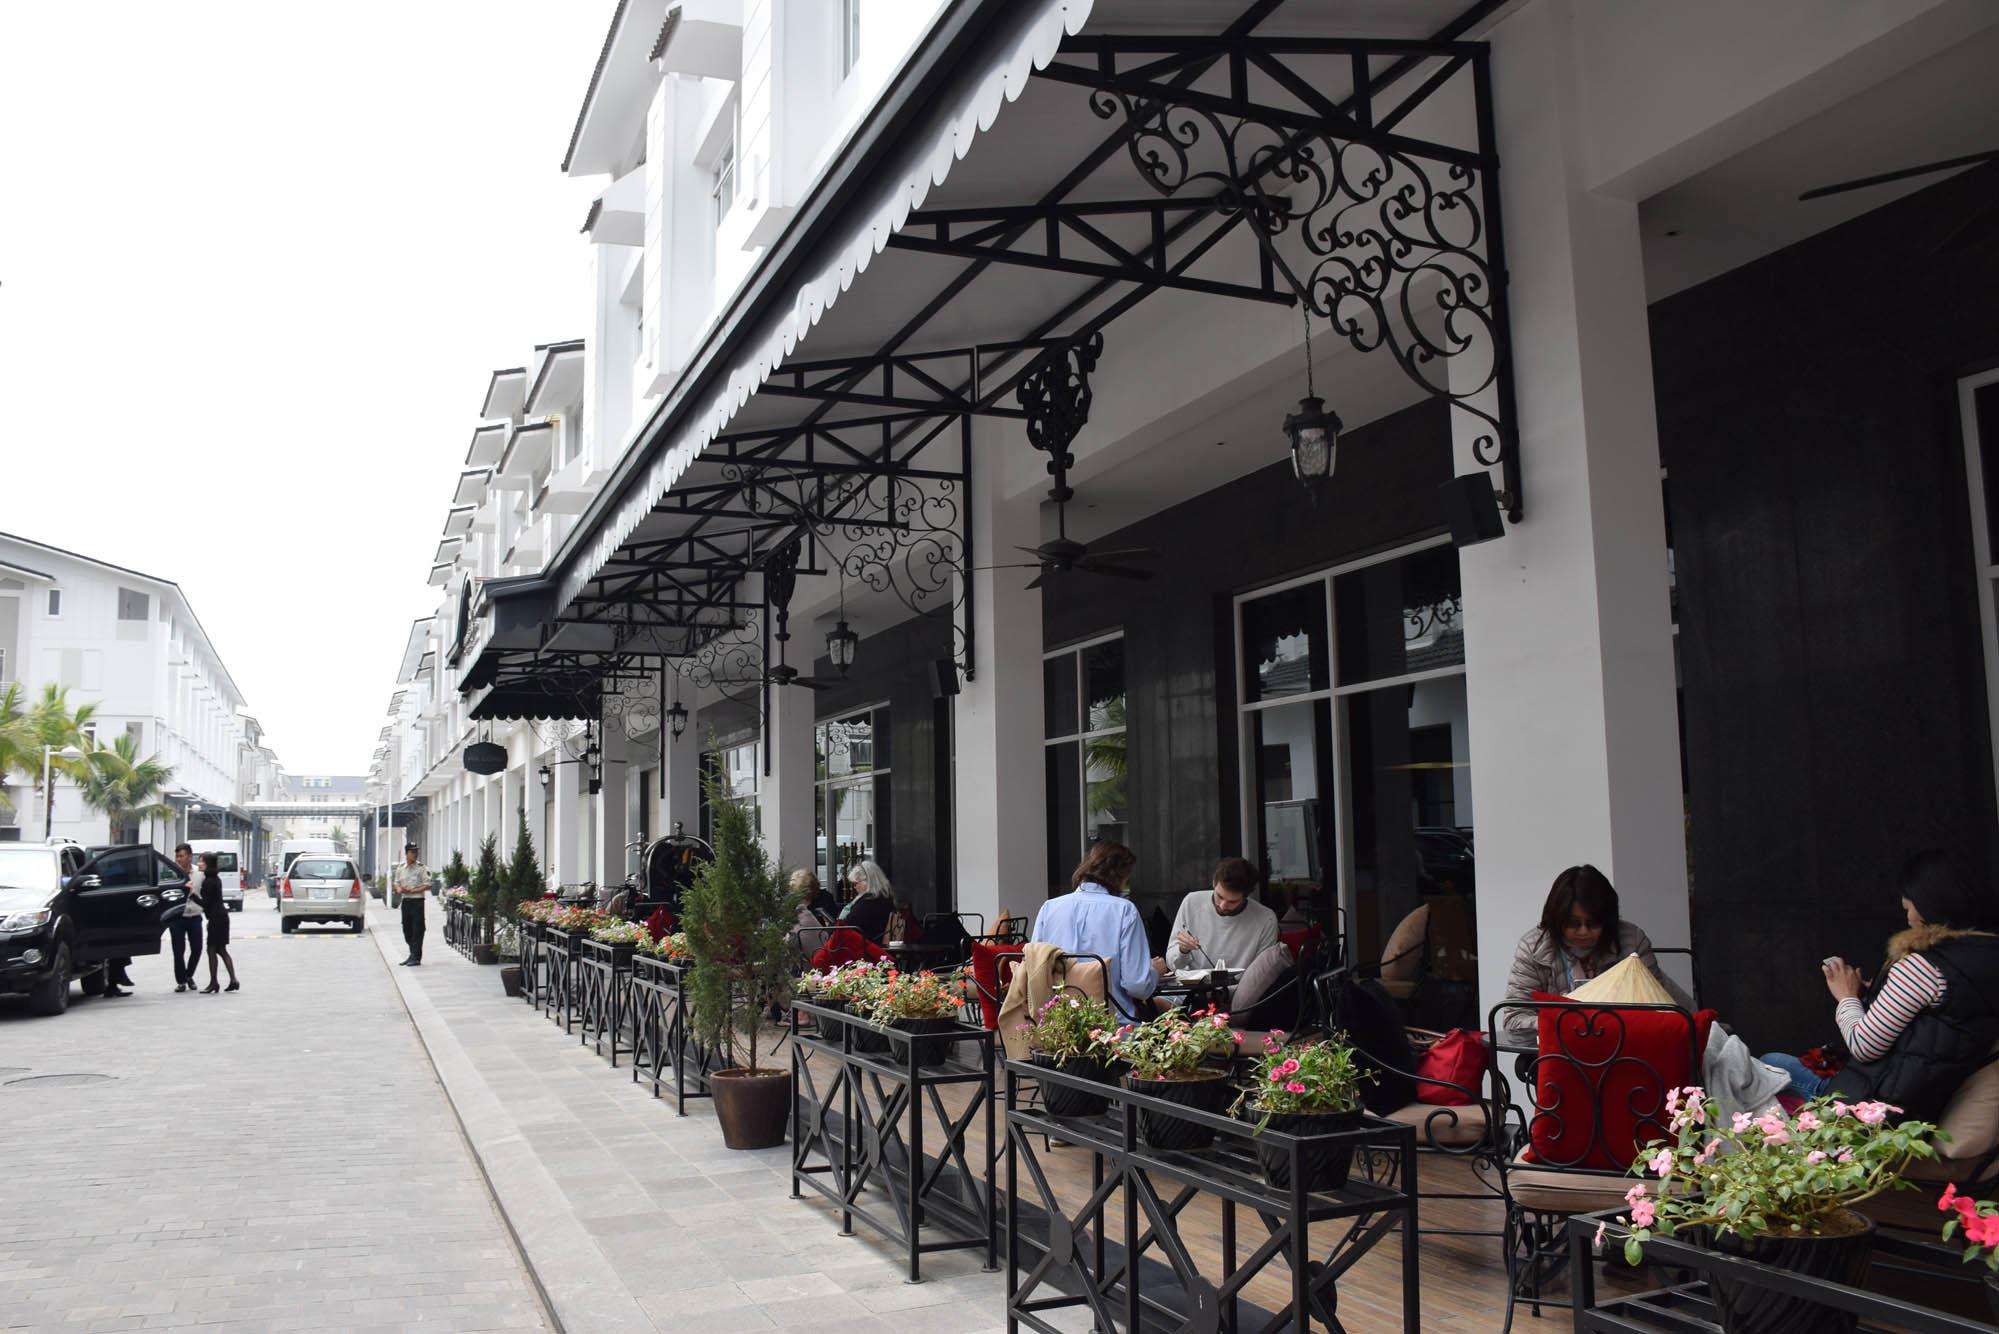 Hotel onde esperamos o embarque - aqui é servido um lanche no 1º dia, e um almoço antes de voltar pra Hanoi no 2º dia